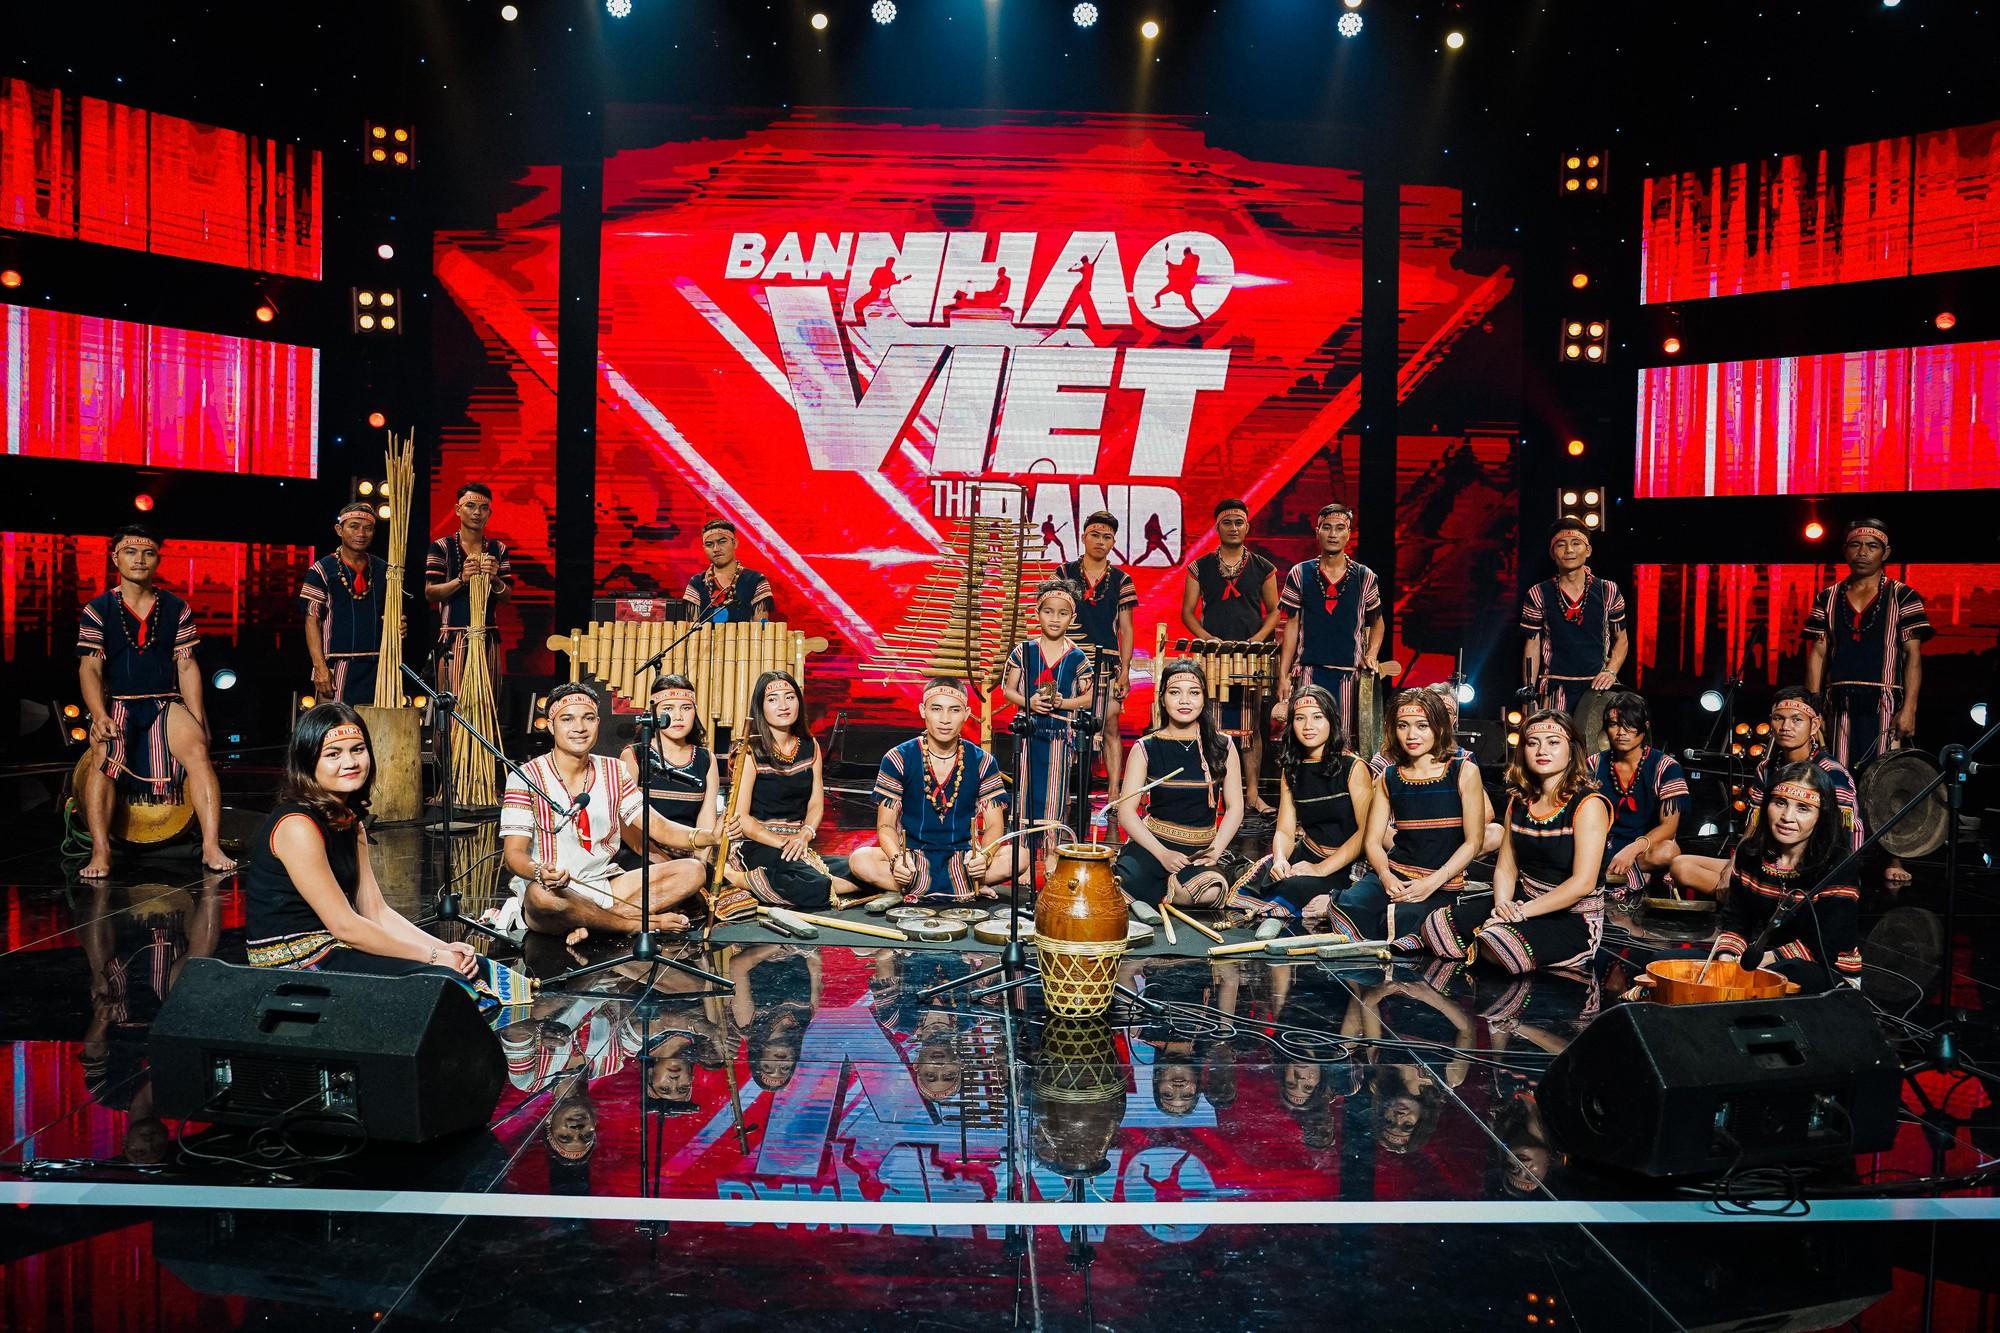 Ban nhạc Việt: Màn trộn lẫn hit Lam Trường, Mỹ Tâm, Phương Vy khiến các giám khảo bàn tán sôi nổi - Ảnh 6.